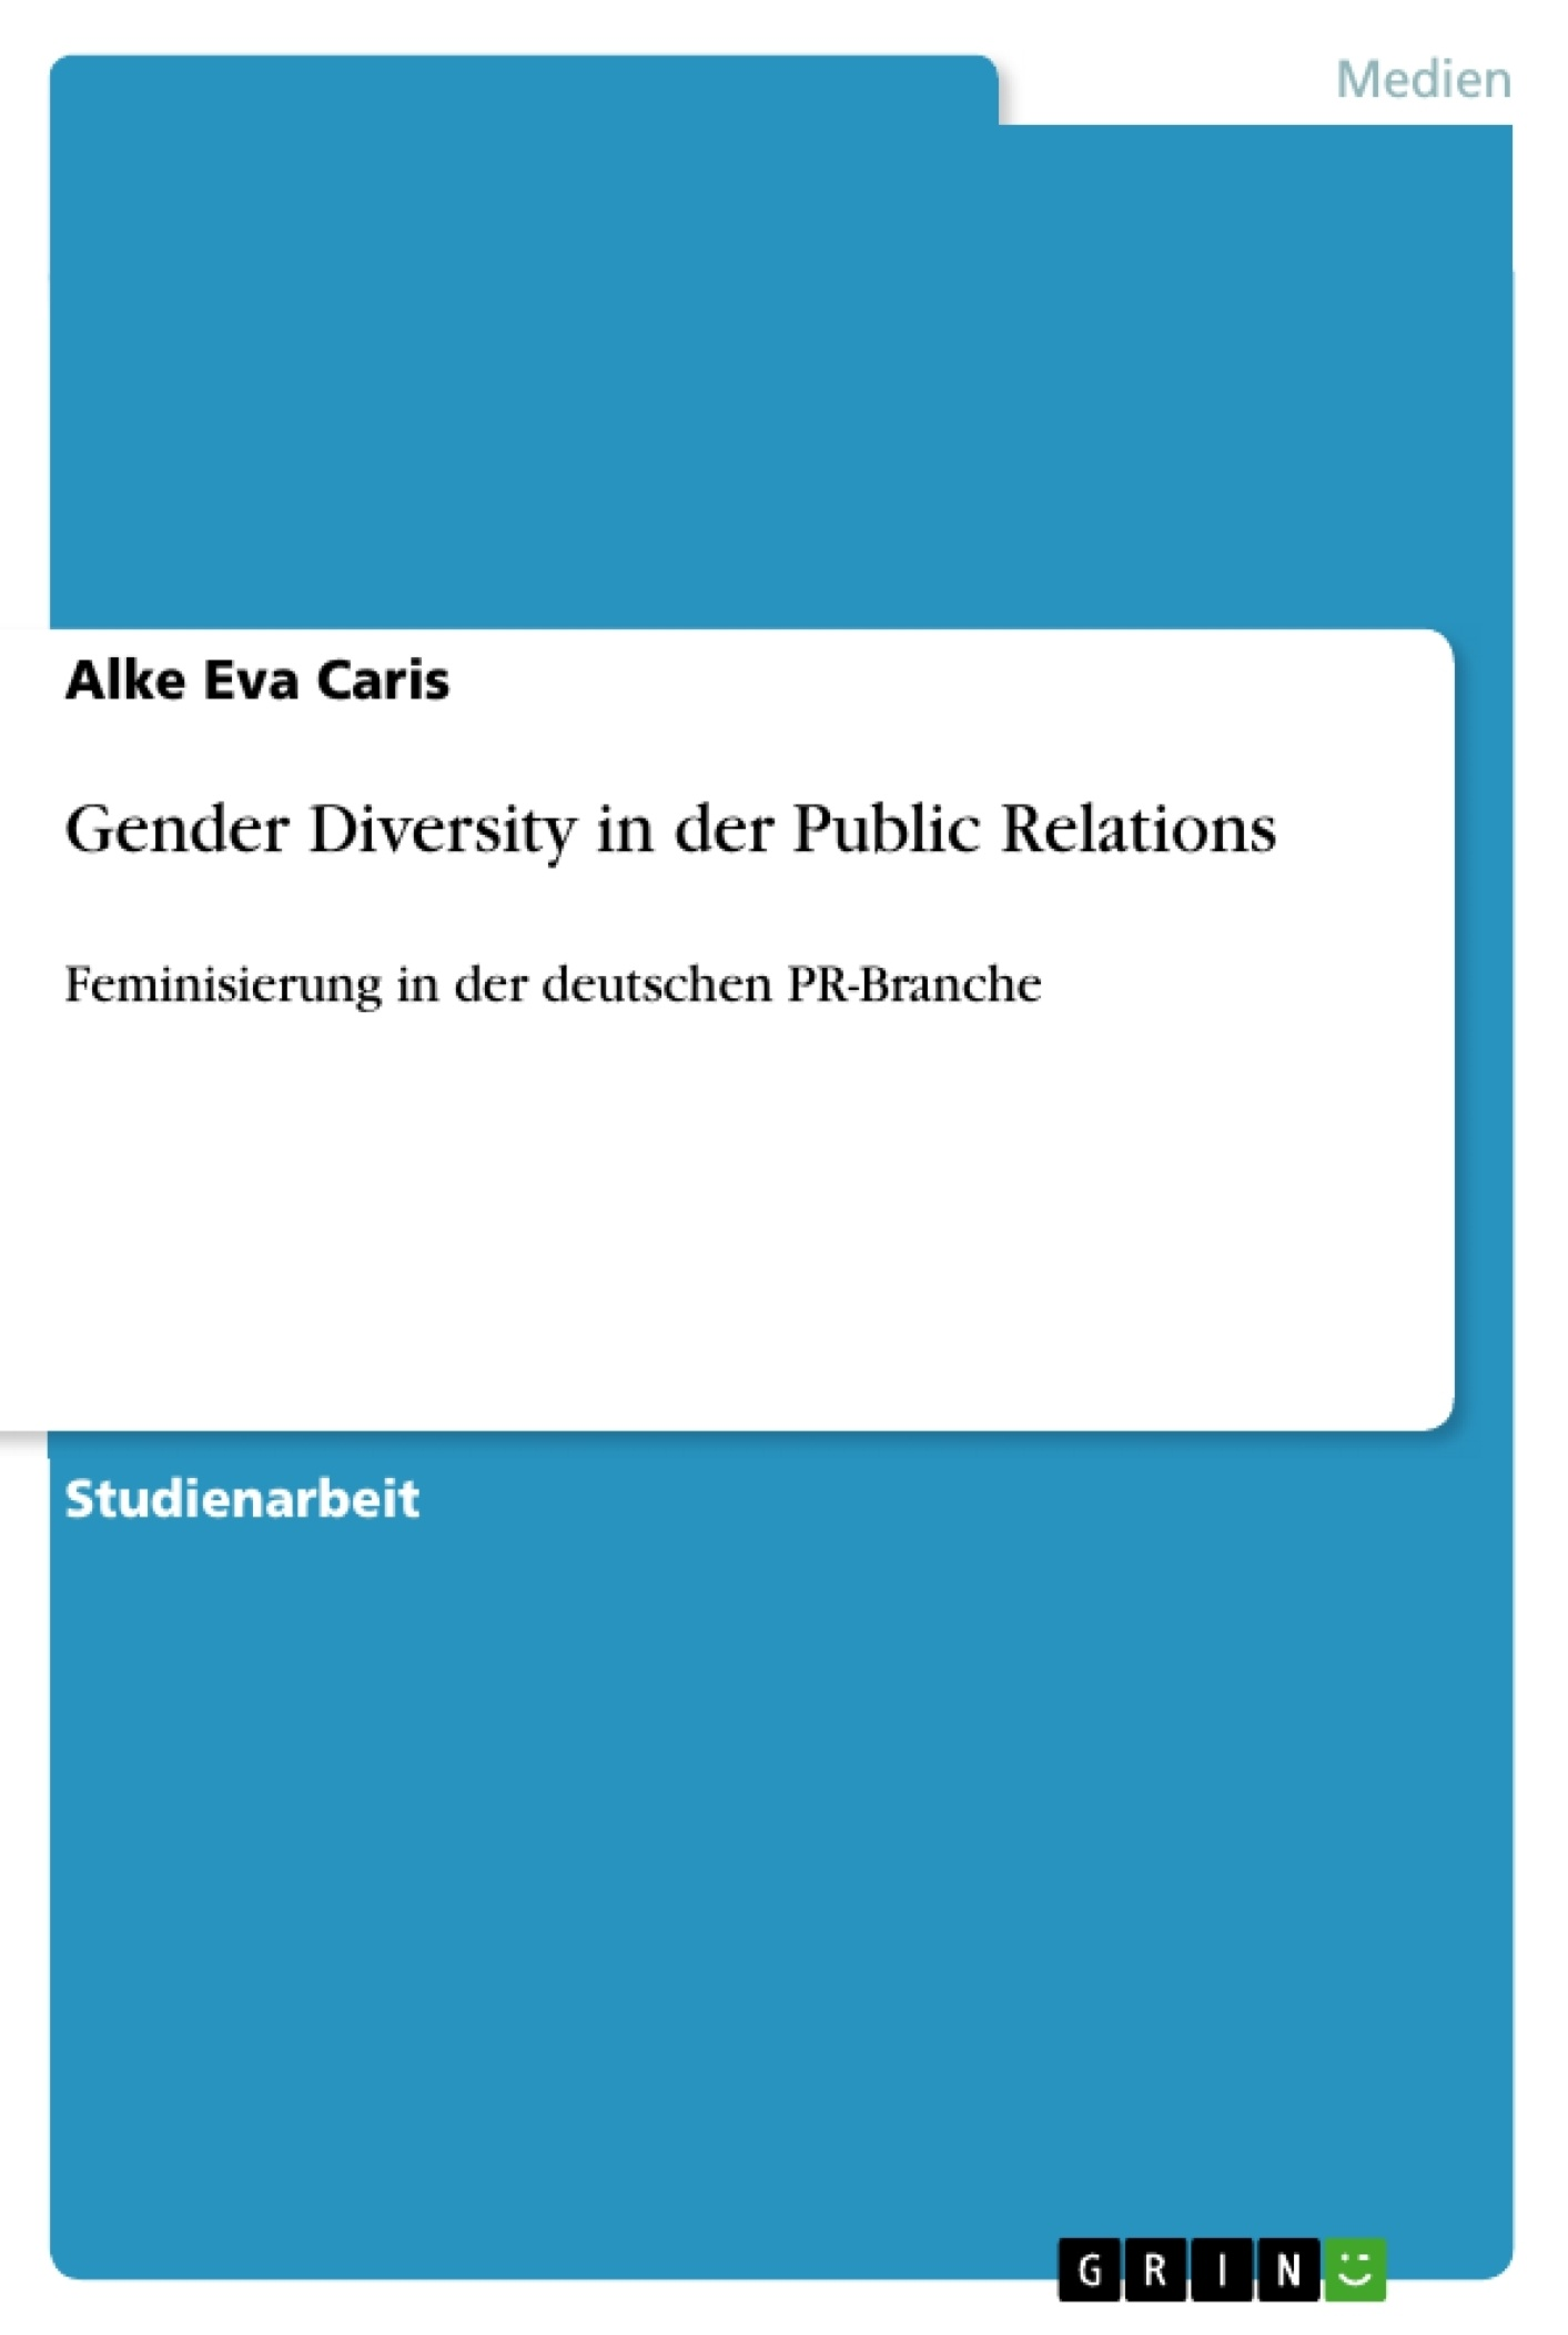 Titel: Gender Diversity in der Public Relations